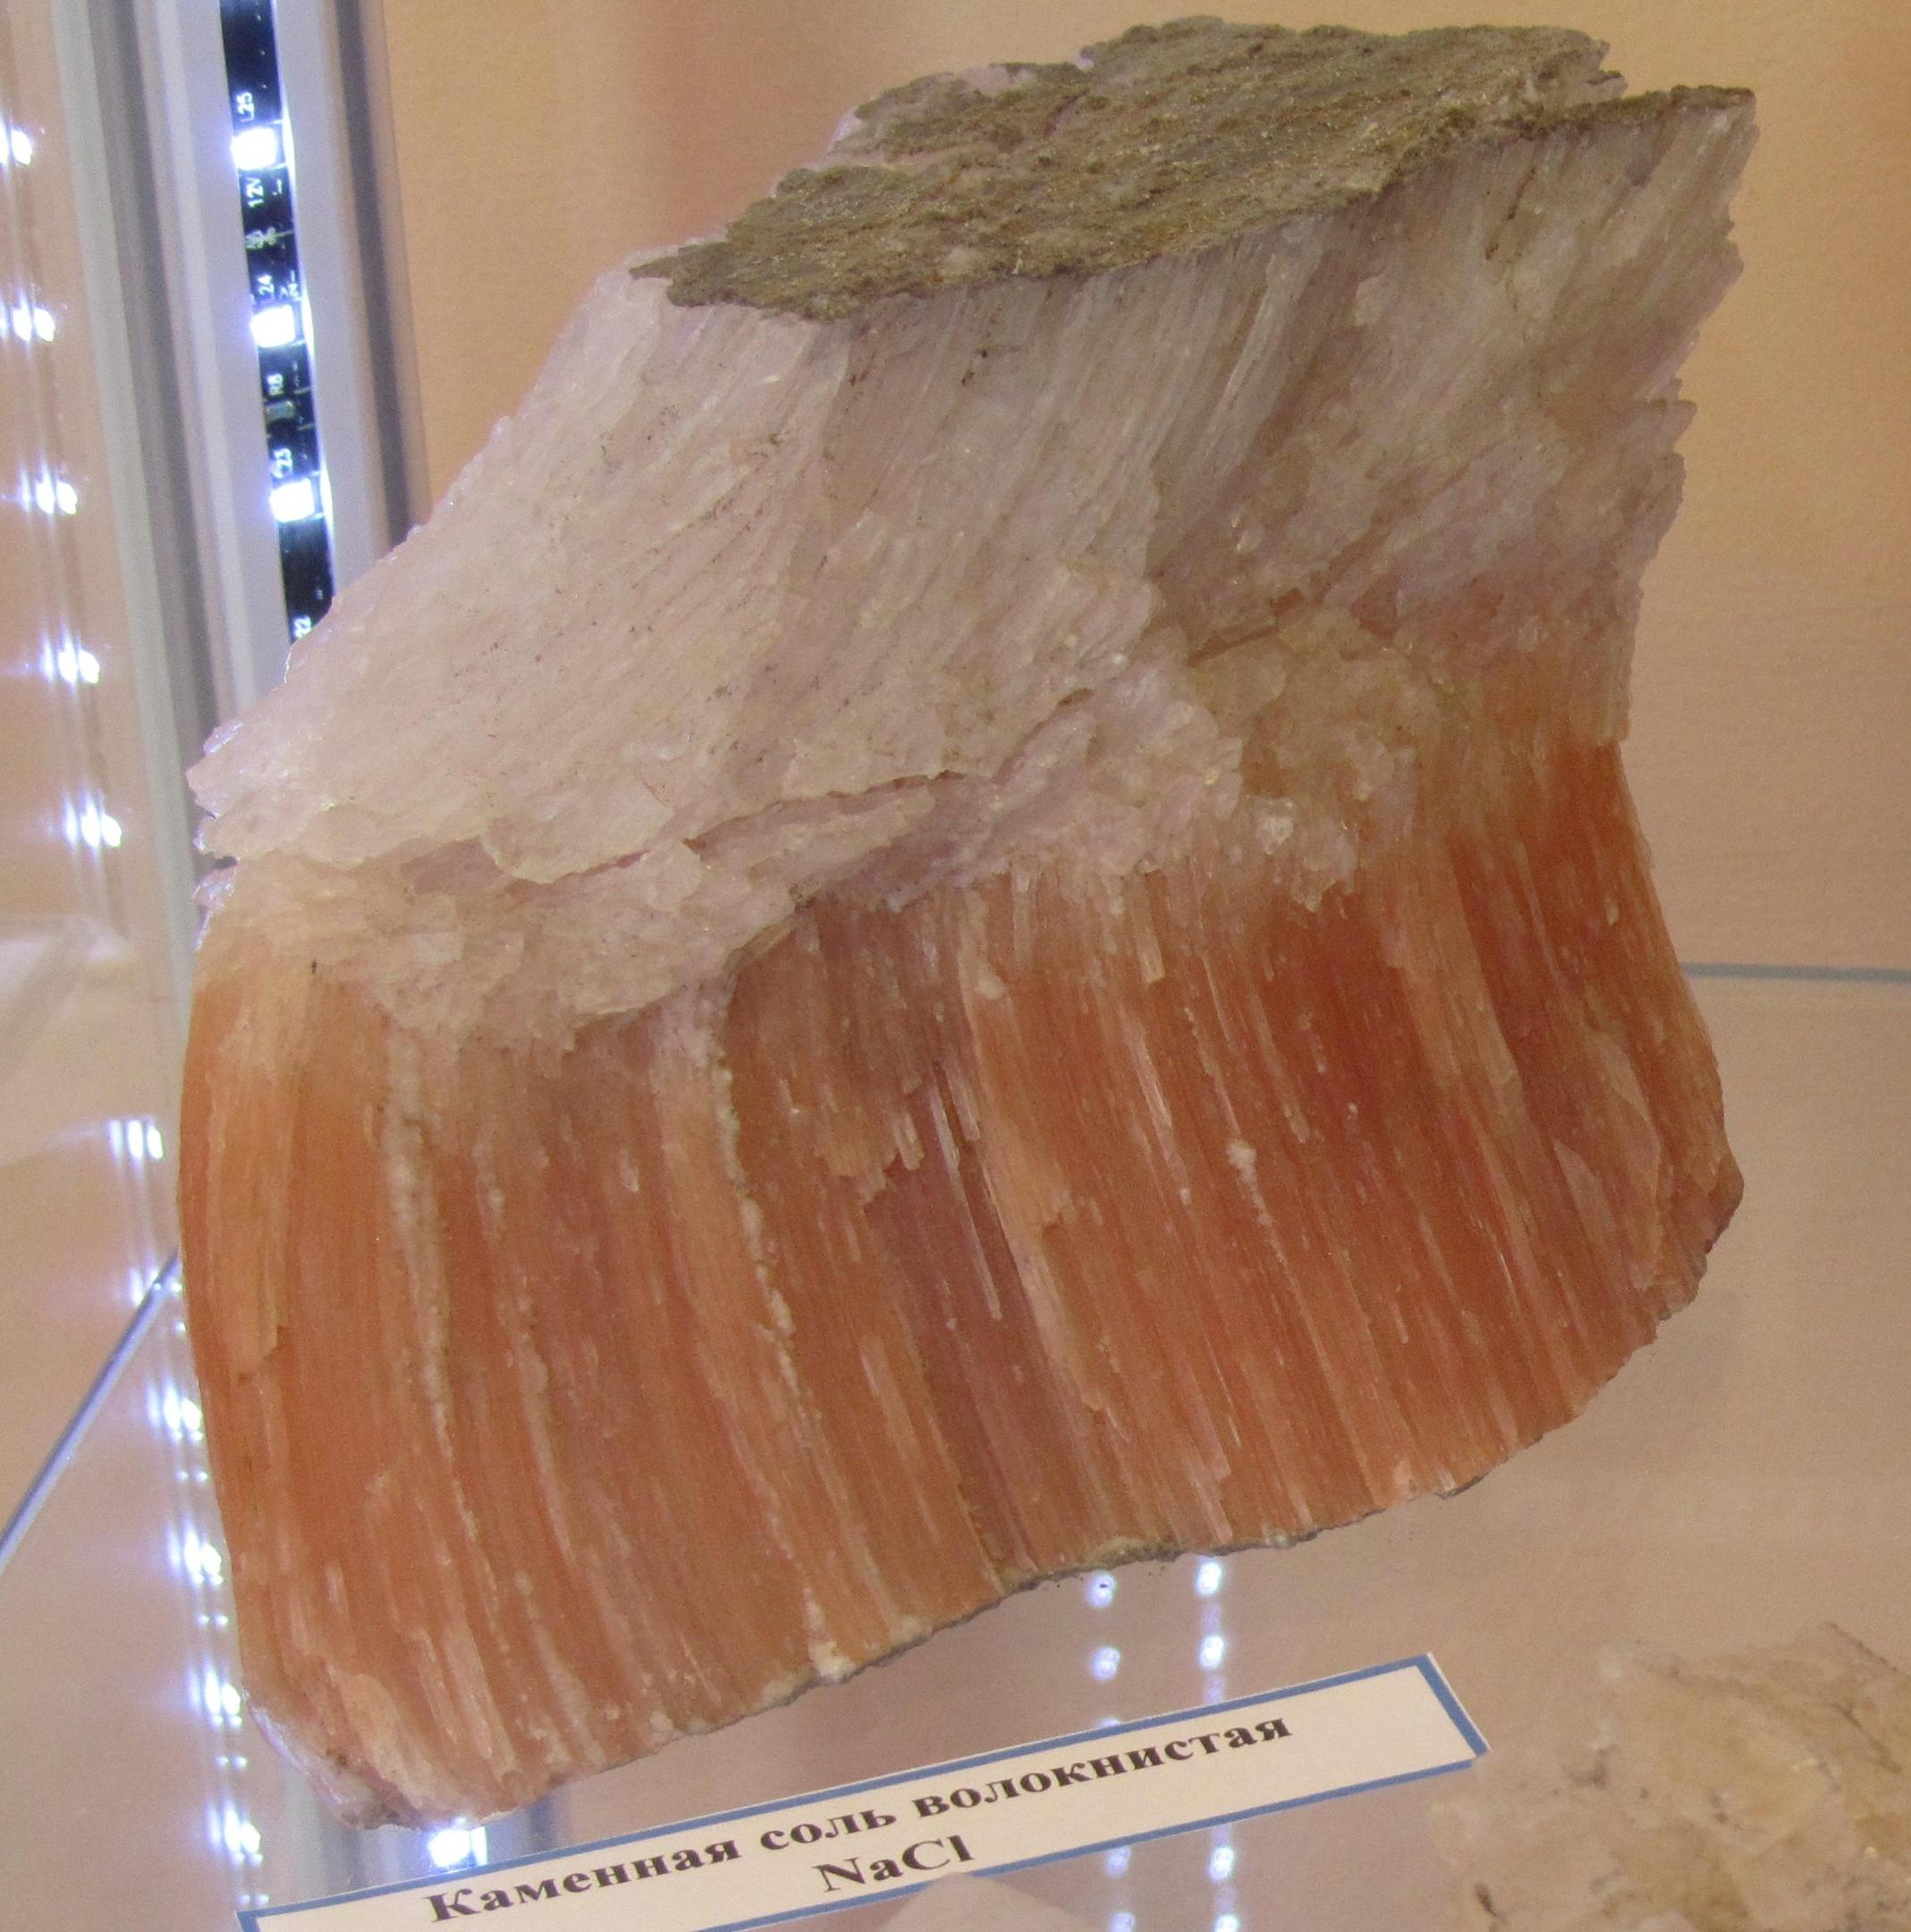 Каменная соль волокнистая в минералогическом музее